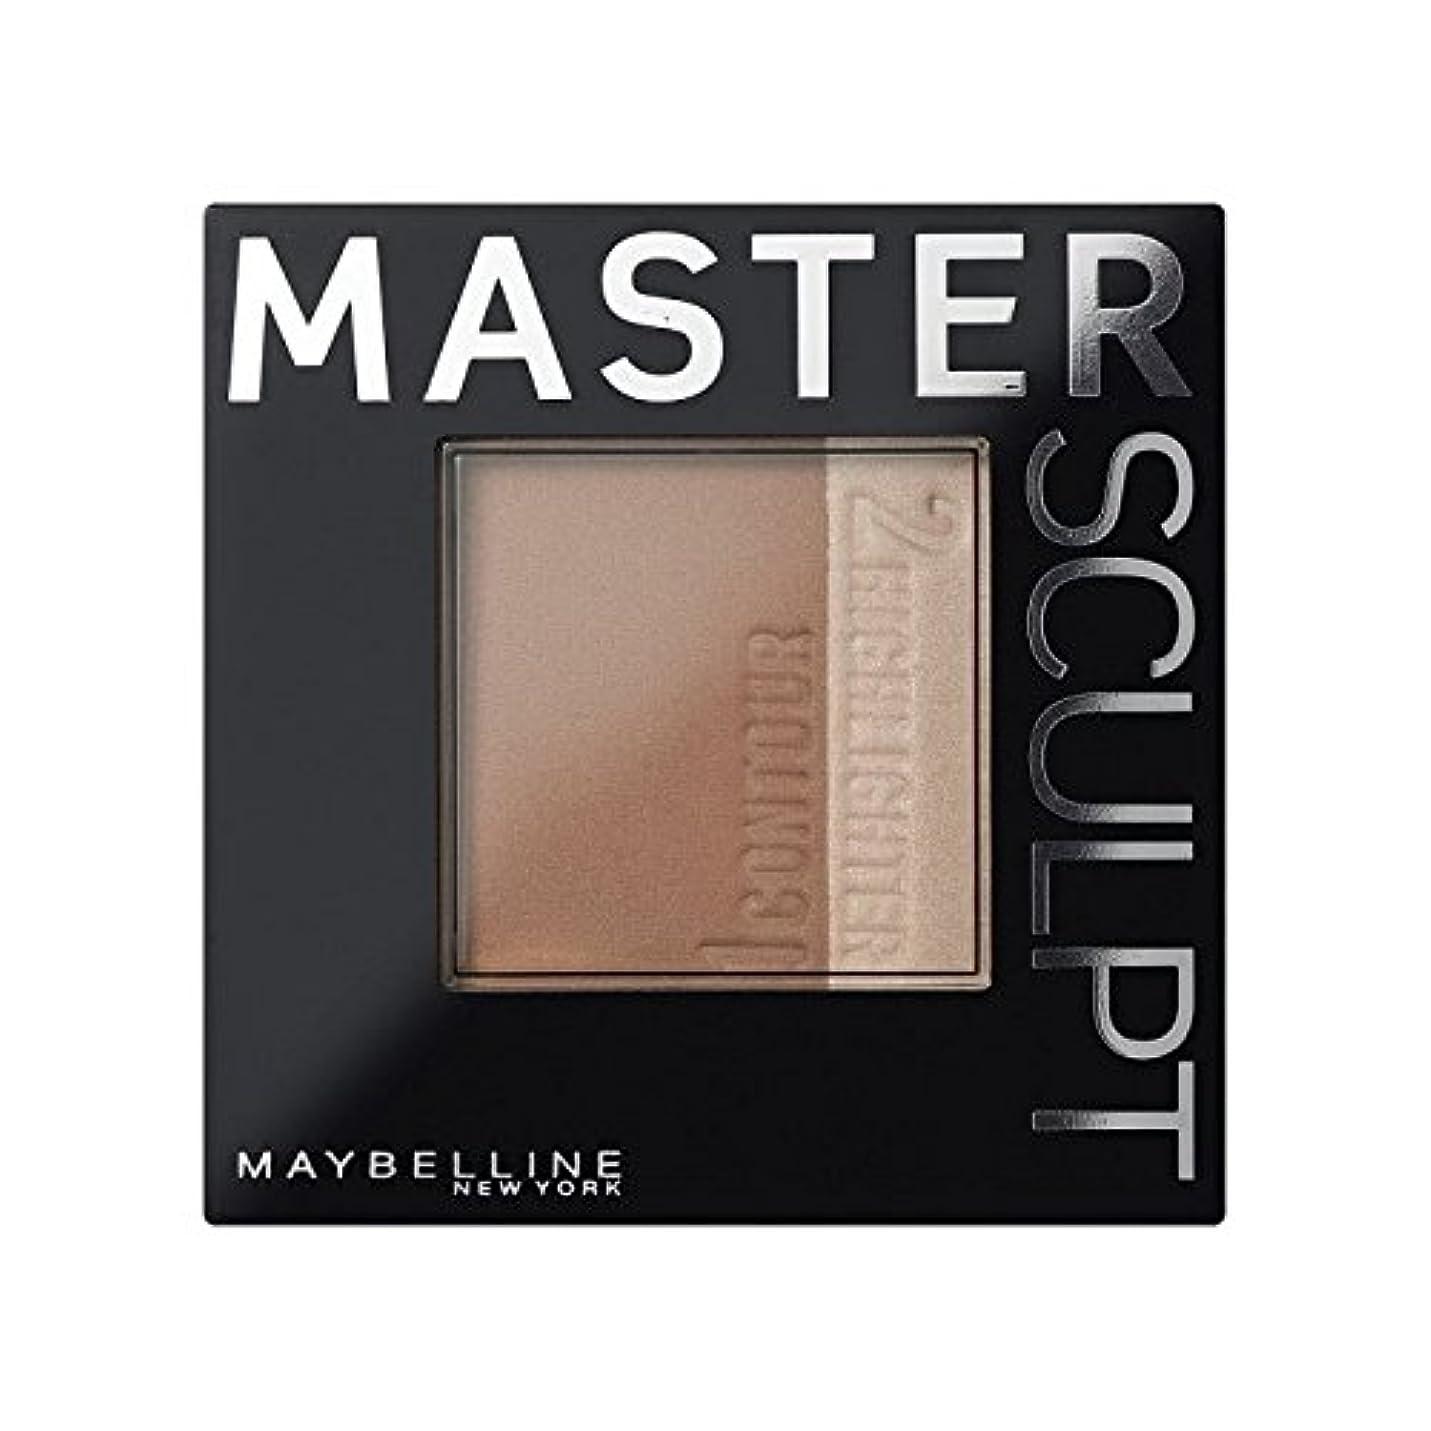 シンプルな受ける水分Maybelline Master Sculpt Contouring Foundation 02 Med/Dark (Pack of 6) - メイベリンマスタースカルプト基盤02の /暗い輪郭 x6 [並行輸入品]